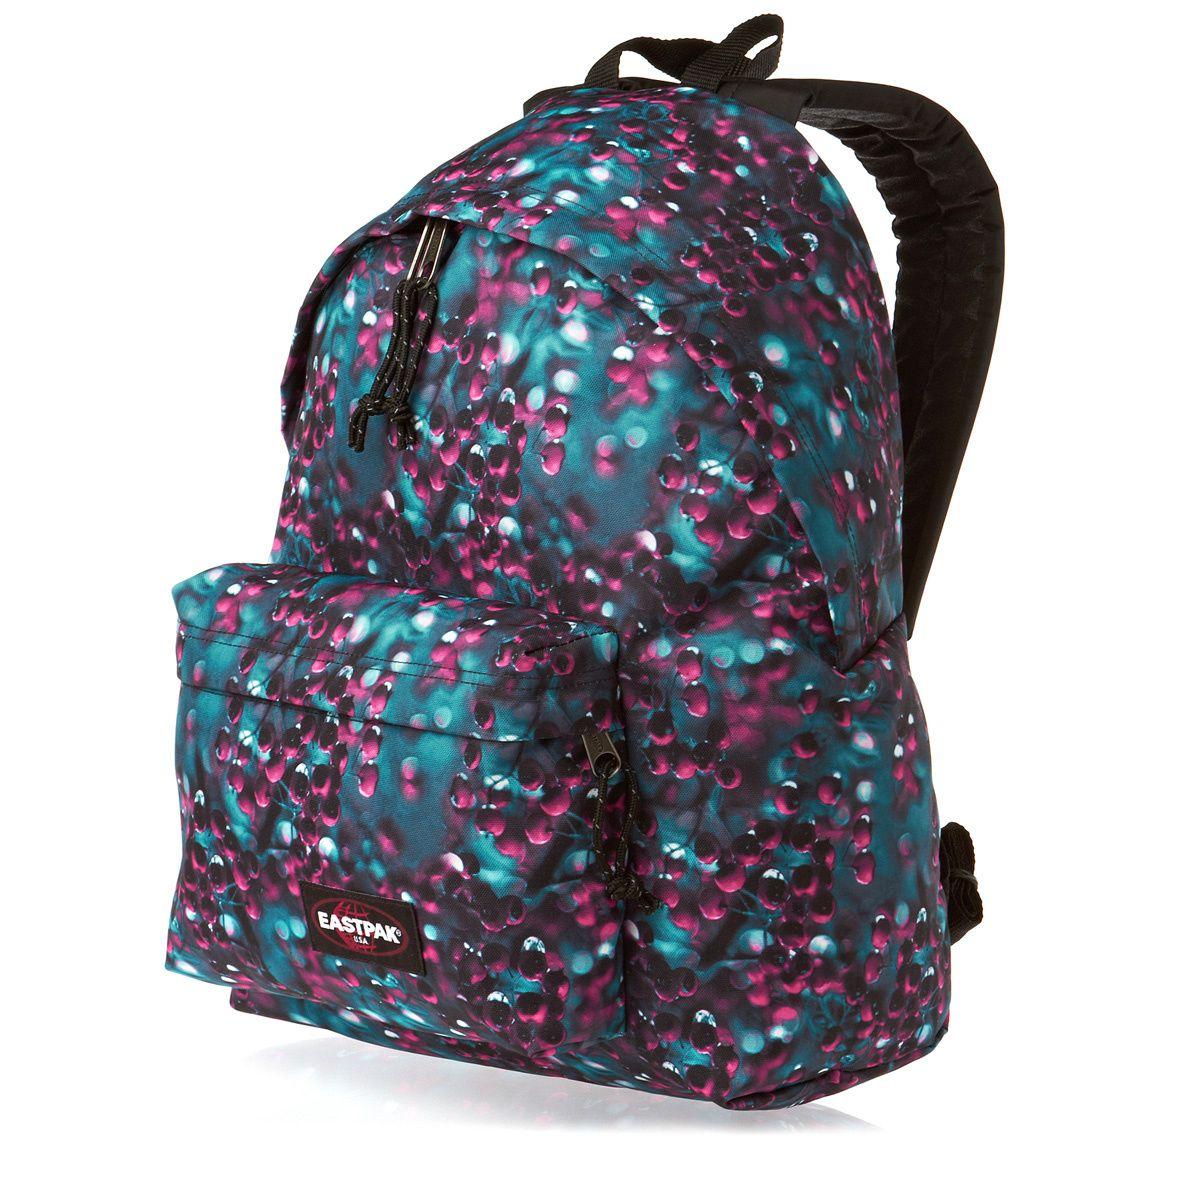 136ed35c81 quel cartable/sac pour l'entrée au collège? – Dealabs.com